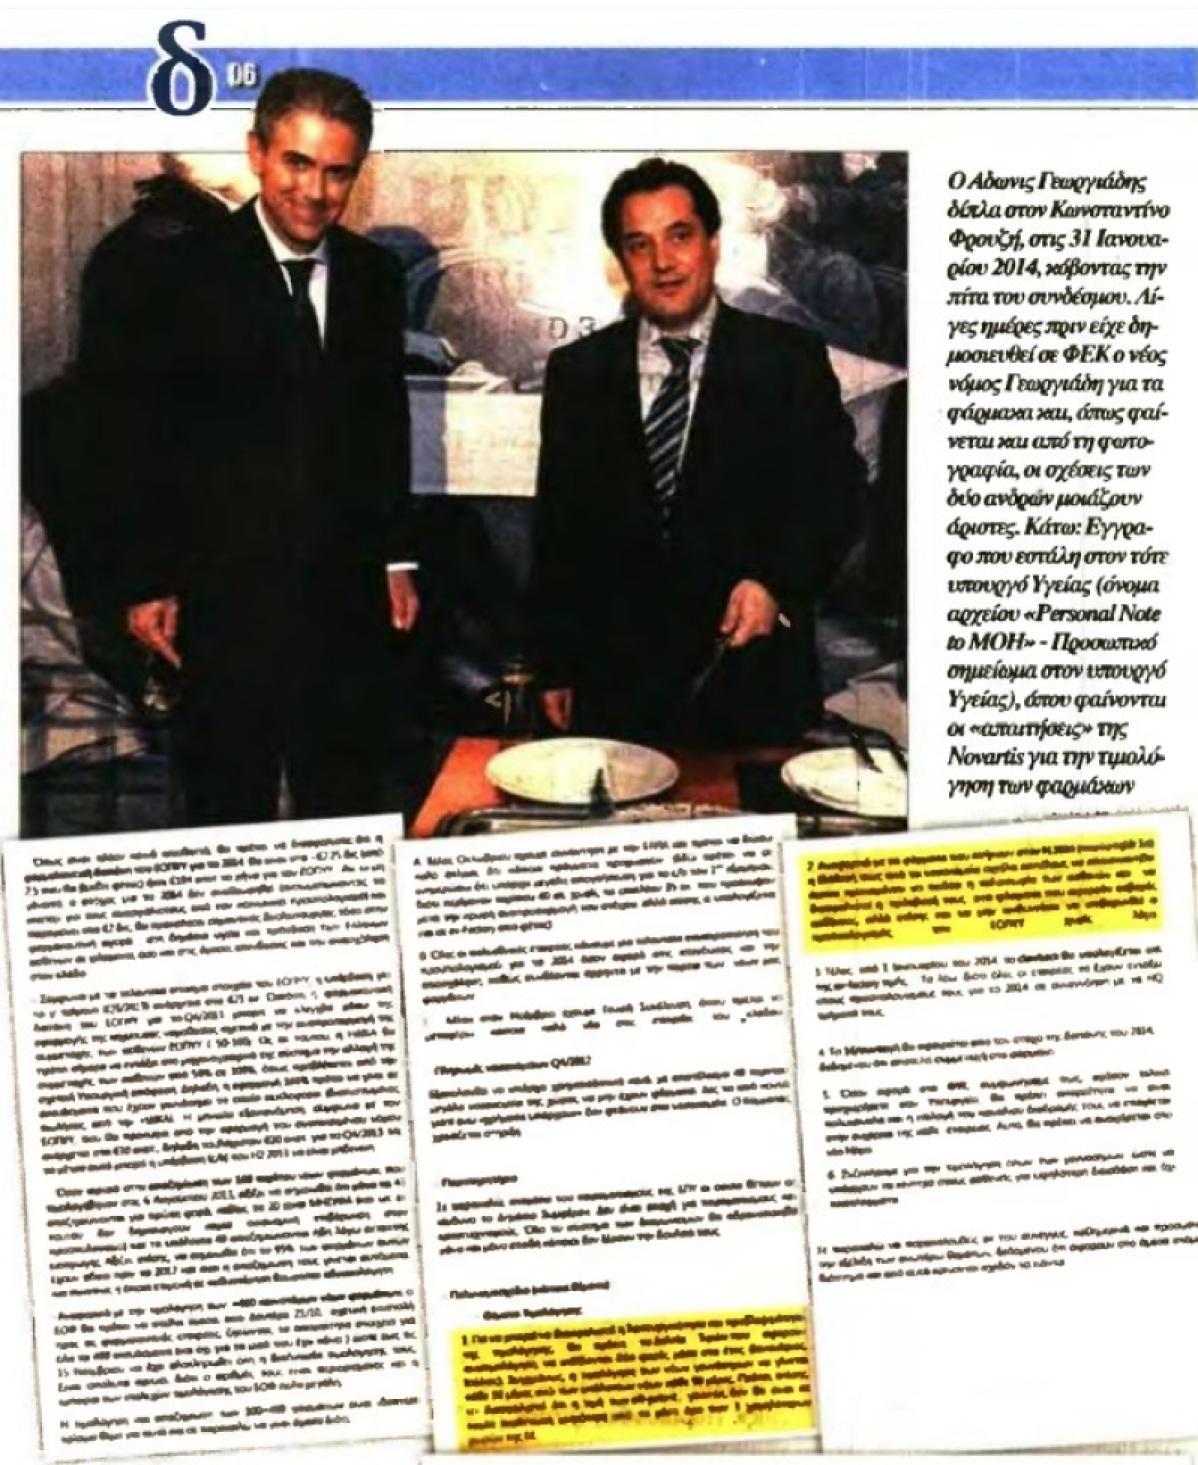 ΑΠΟΚΑΛΥΨΗ-Η Novartis διέταζε κι ο Άδωνις εκτελούσε κόβοντας από νοσοκομεία κι ασφαλισμένους